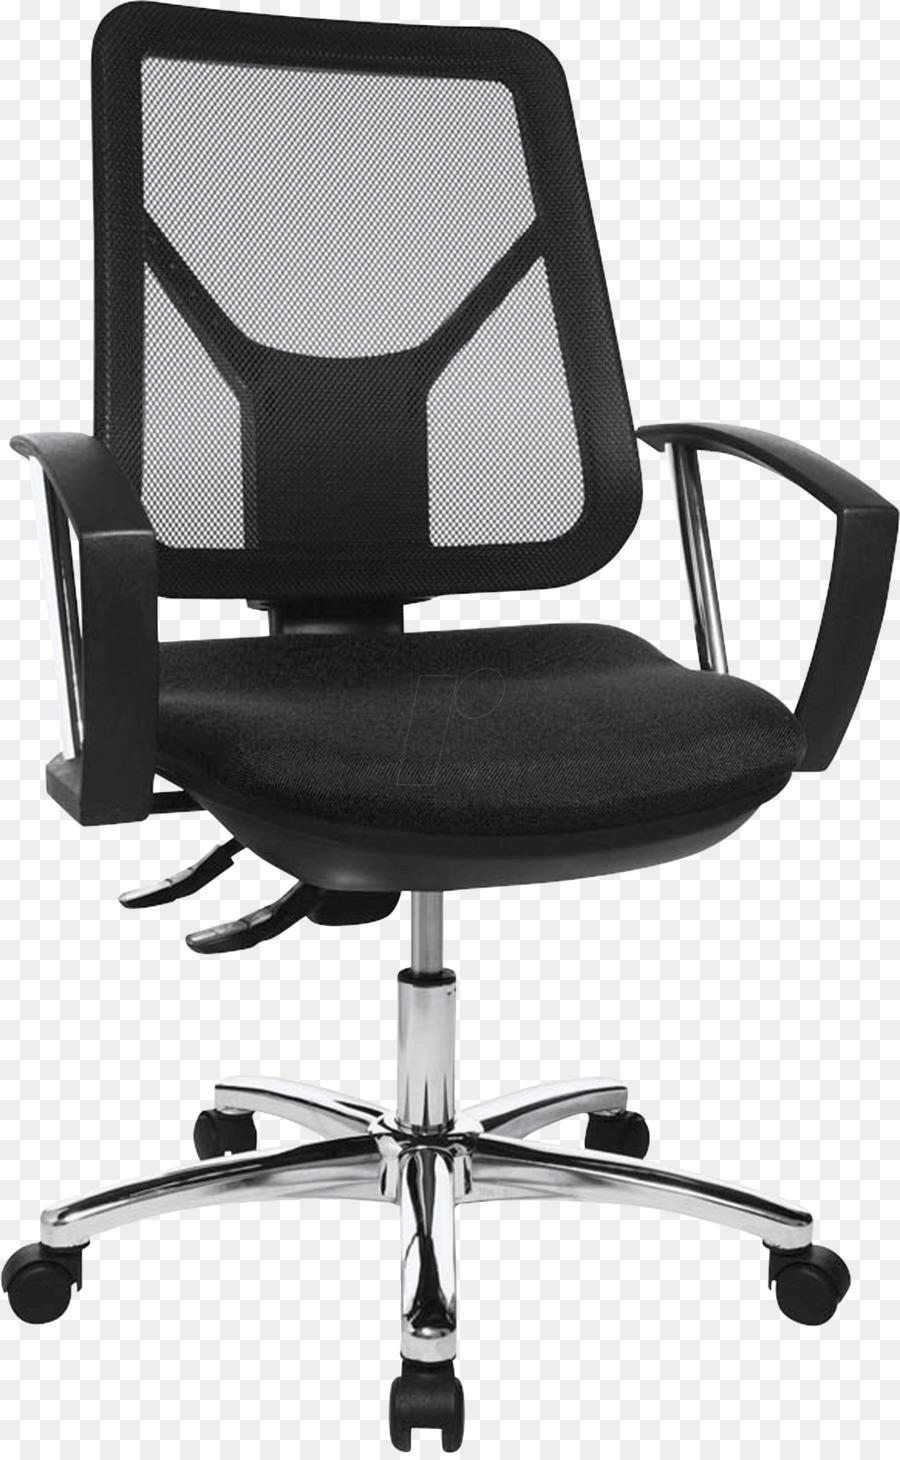 картинка крутящего стула бандиты переехали